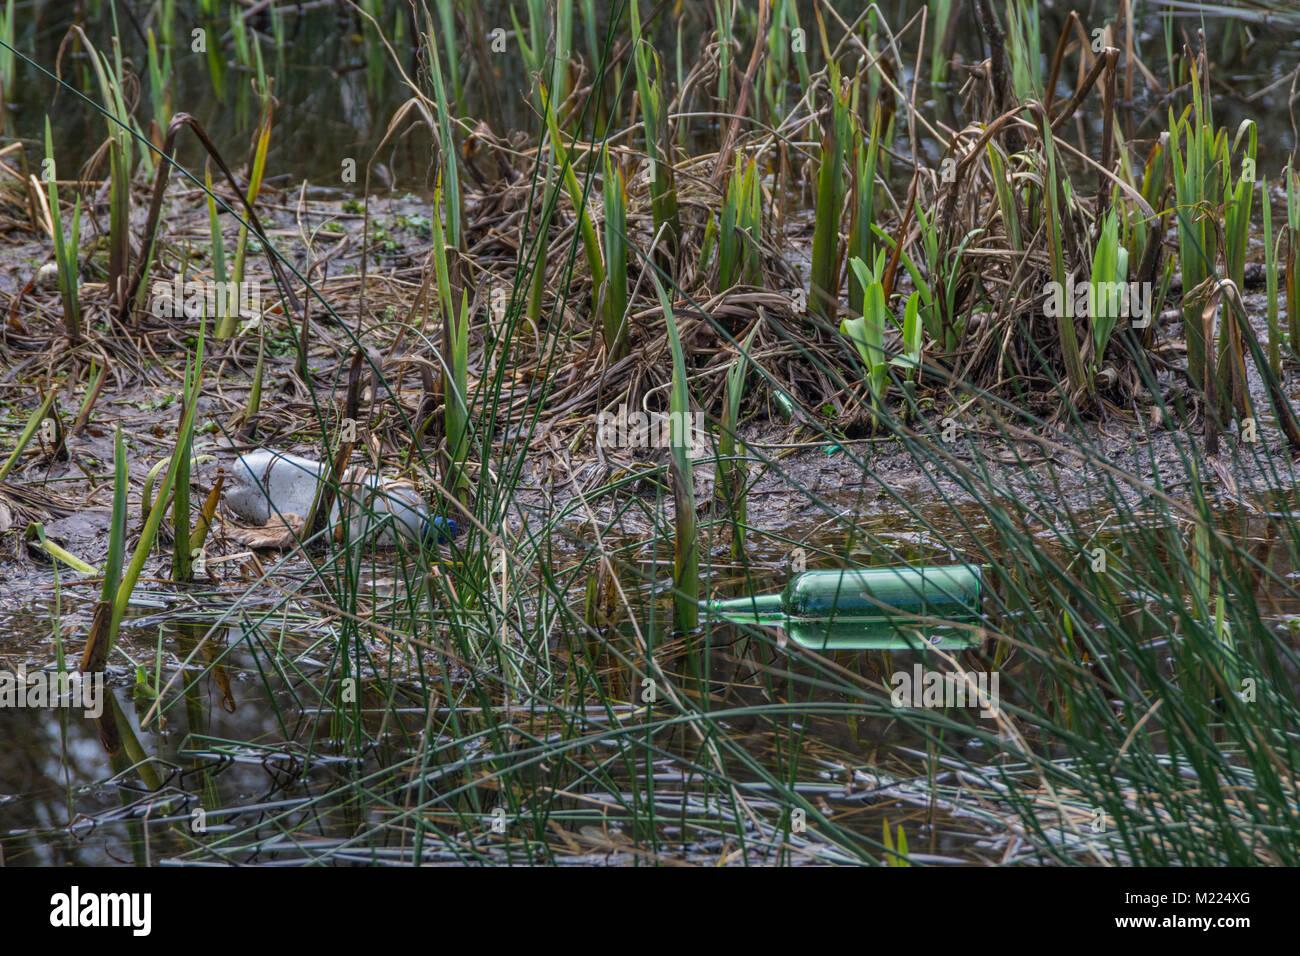 Bouteille plastique échoués sur zone marécageuse - métaphore de la pollution de l'environnement Photo Stock